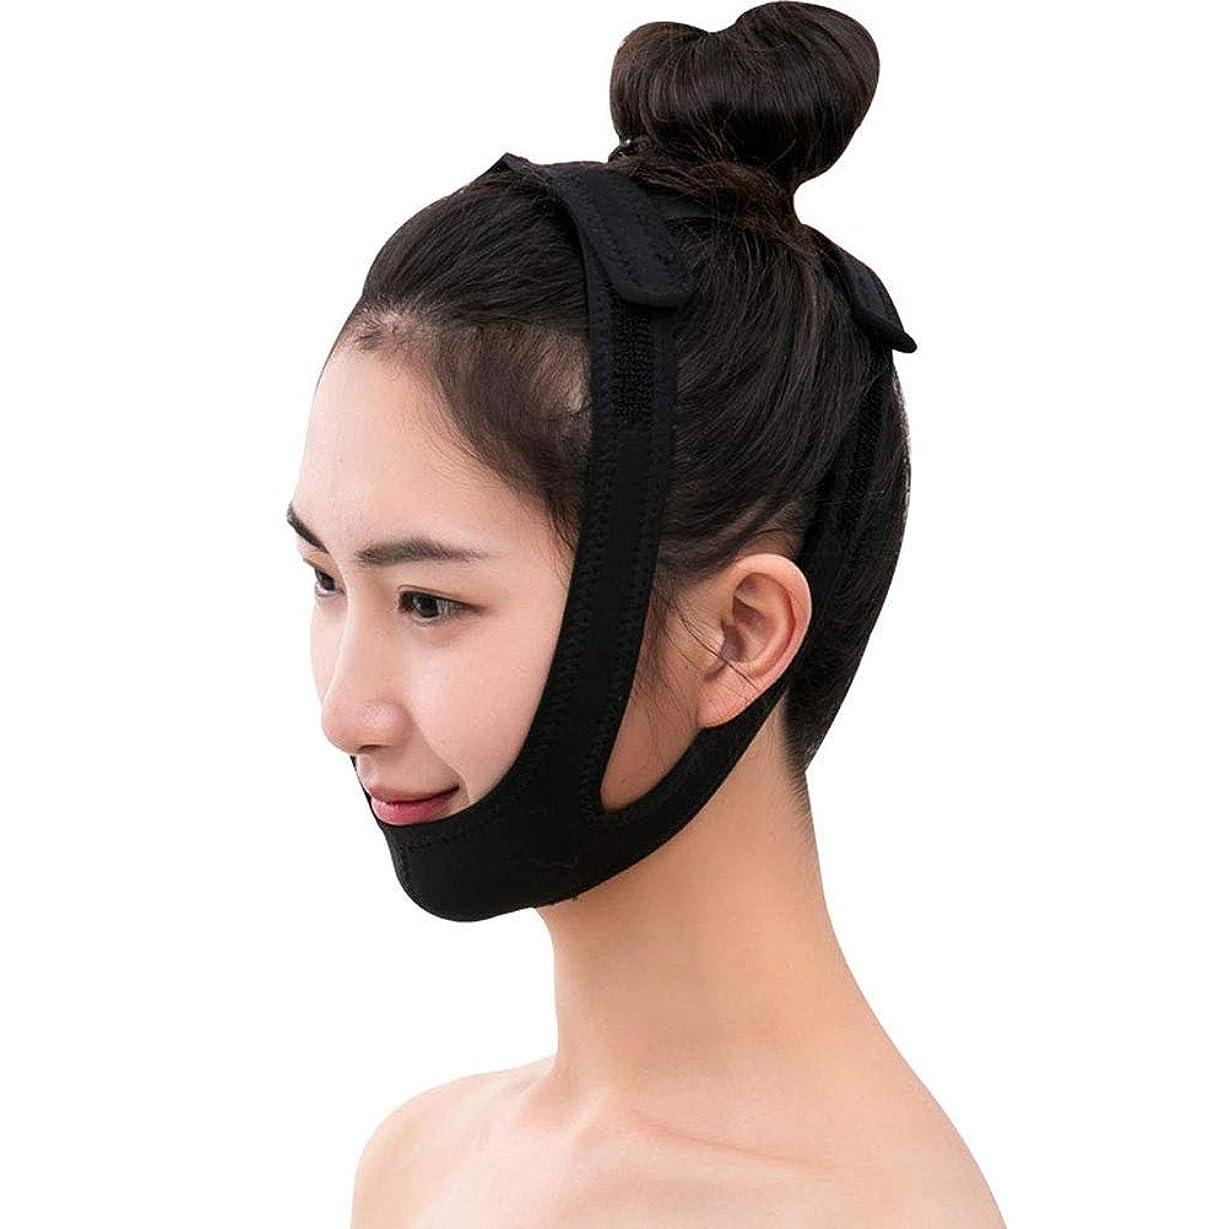 警察署羊謝罪するフェイスリフティングマスク、フェイスリフティング包帯V字型マスク/整形およびリフト/二重あごベルト/美容マスクフェイスリフト/縮小二重あご包帯/顔面矯正ベルト